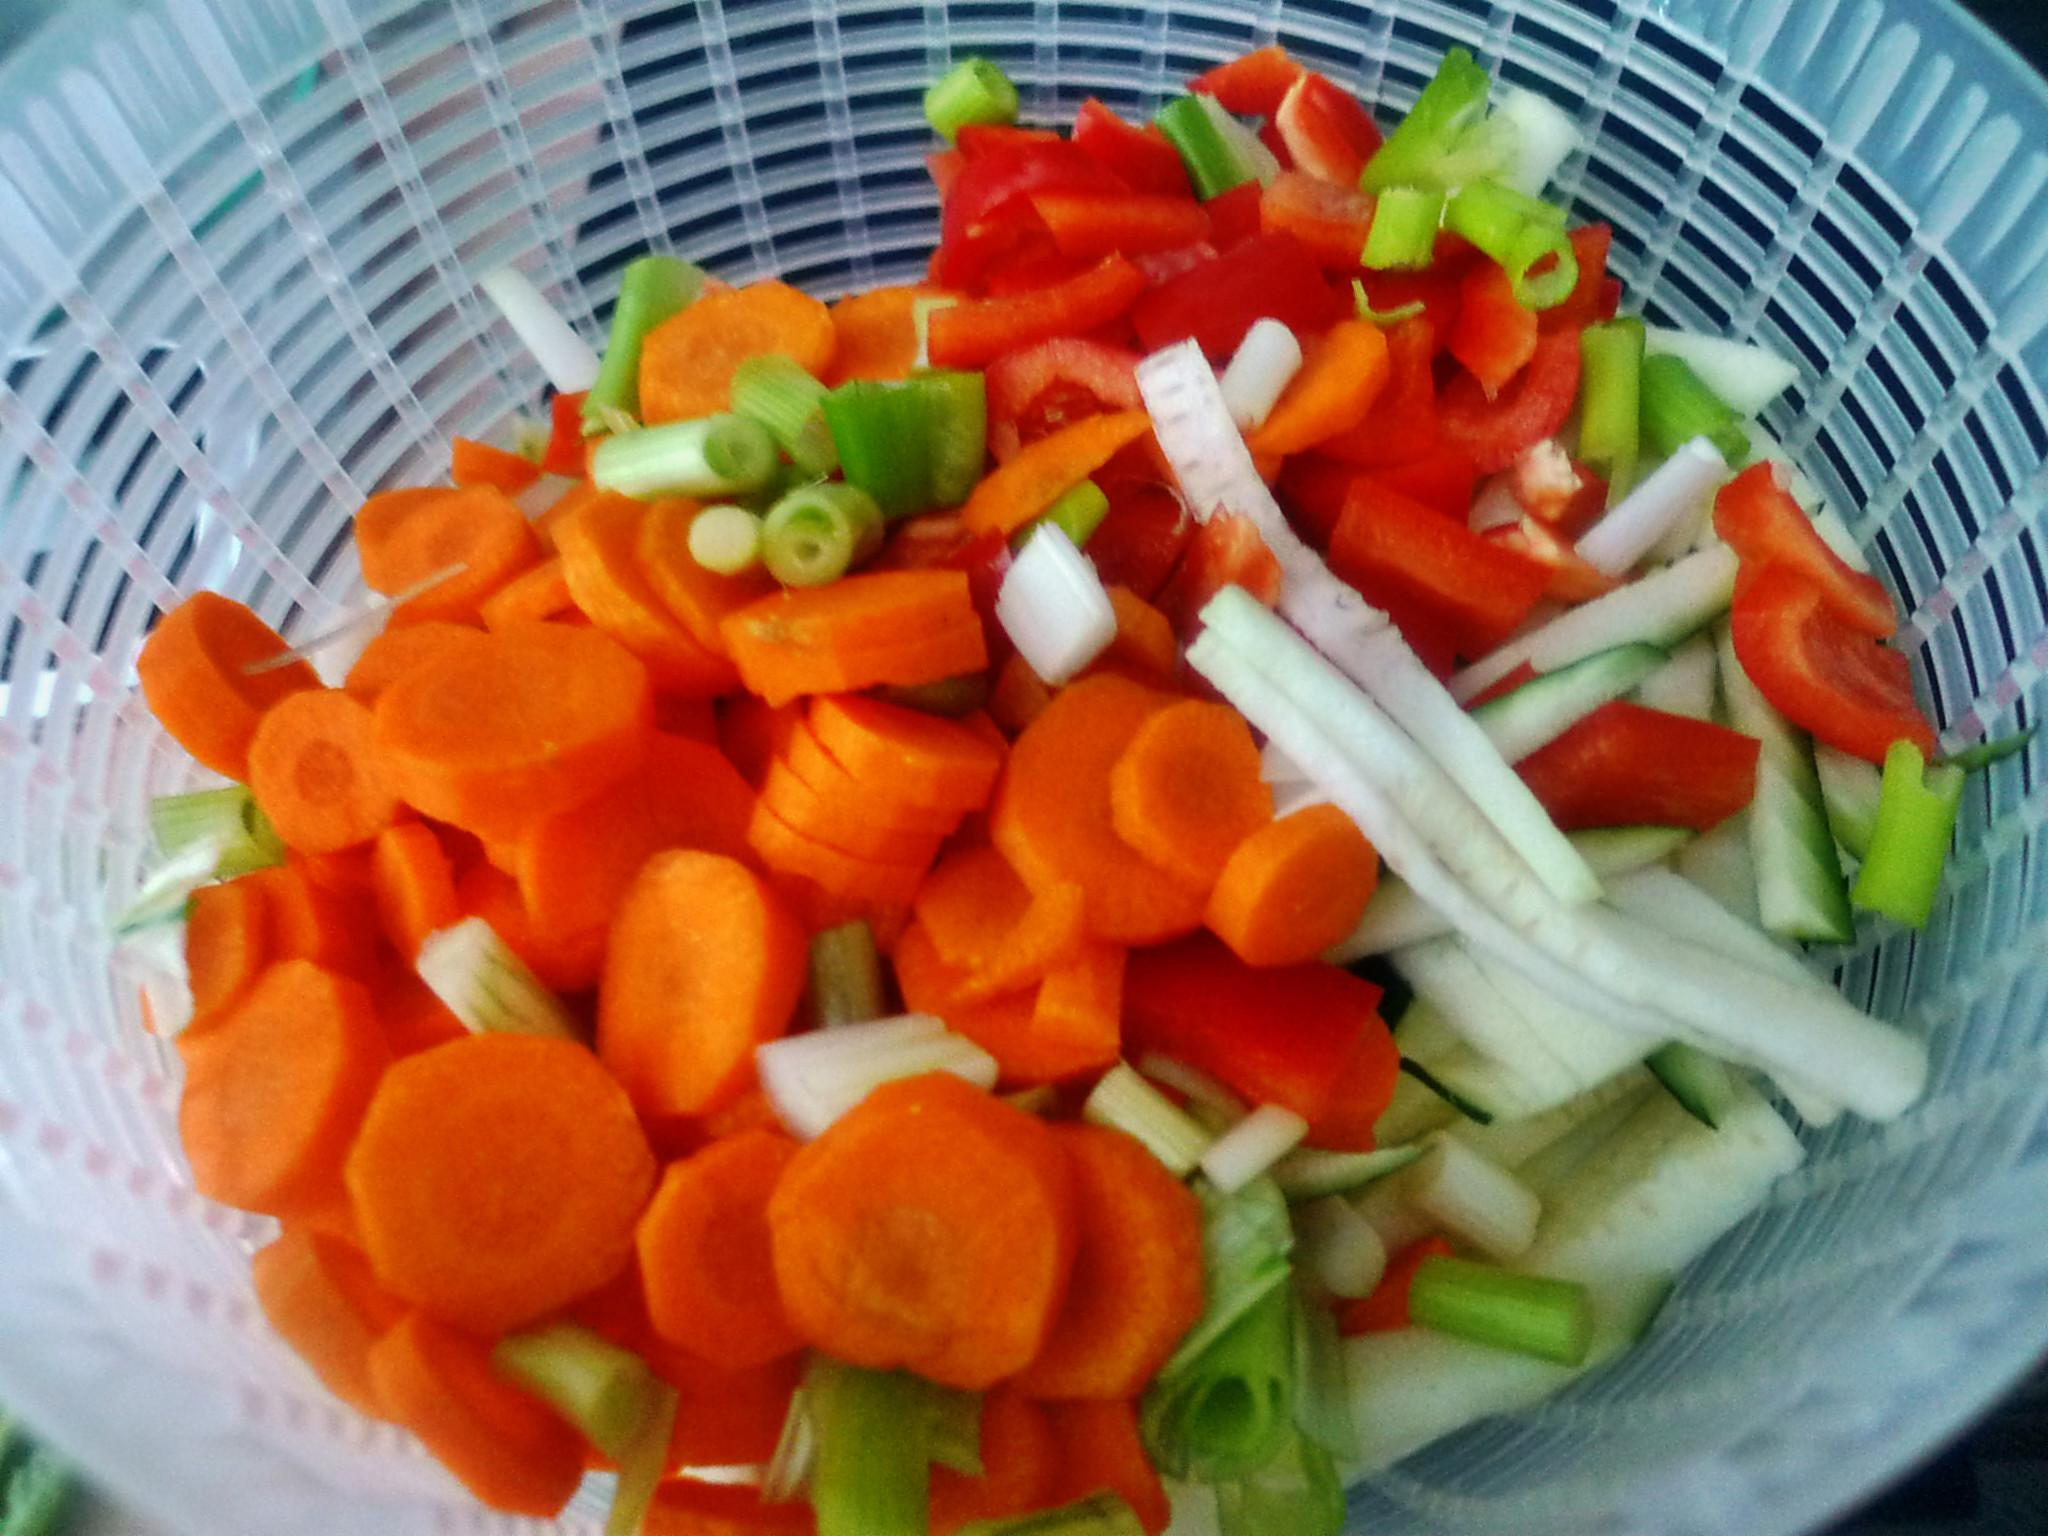 Gemüsepfanne-Dip-Bratkartoffel-21.7.14   (3)